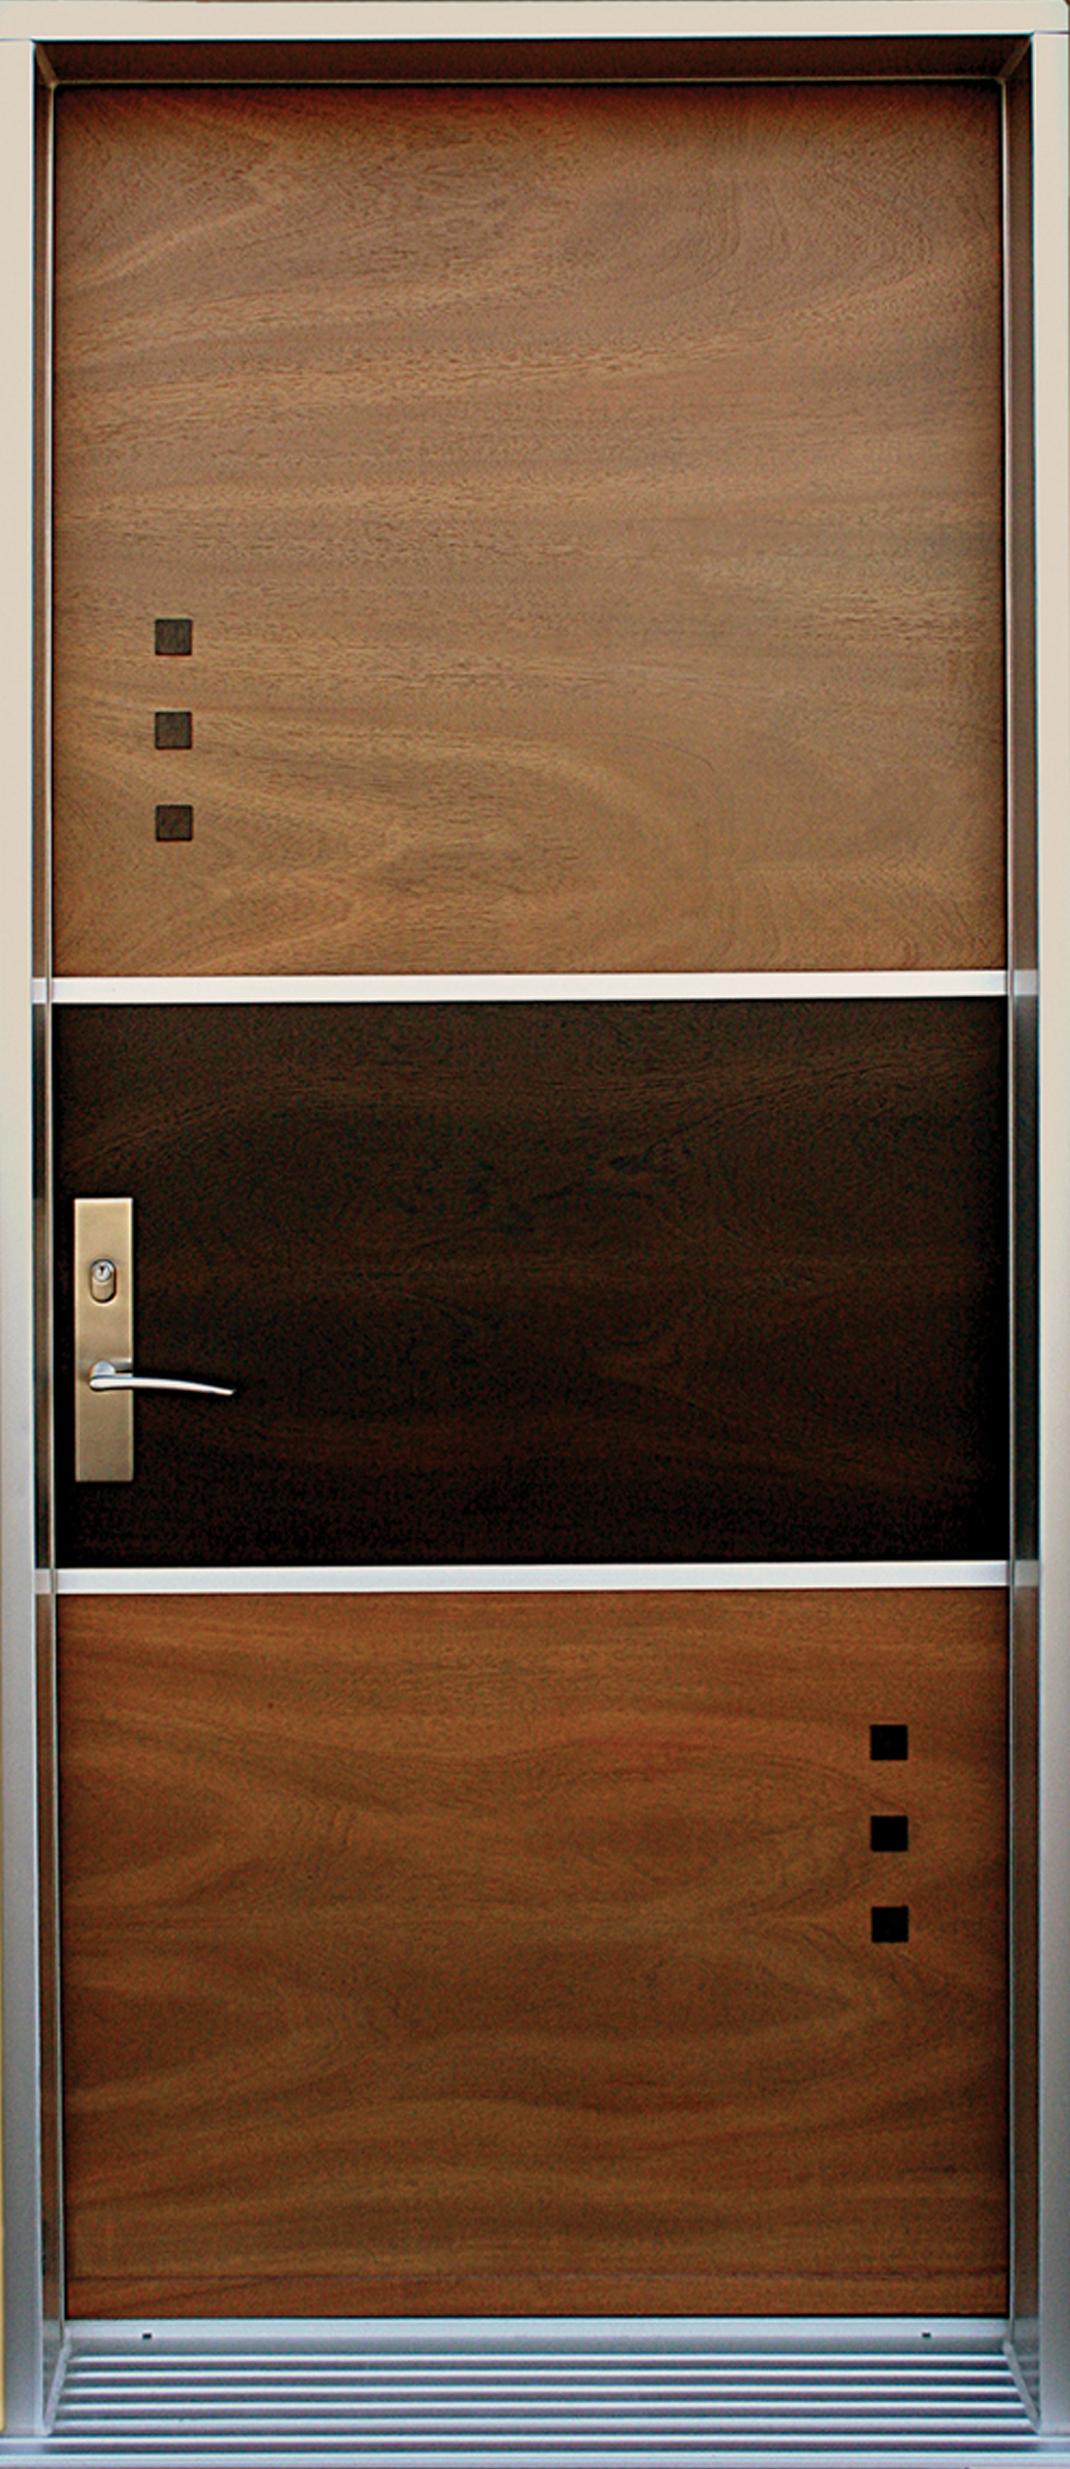 Mod le de porte contemporaine omega1 portatec for Porte zen fuji